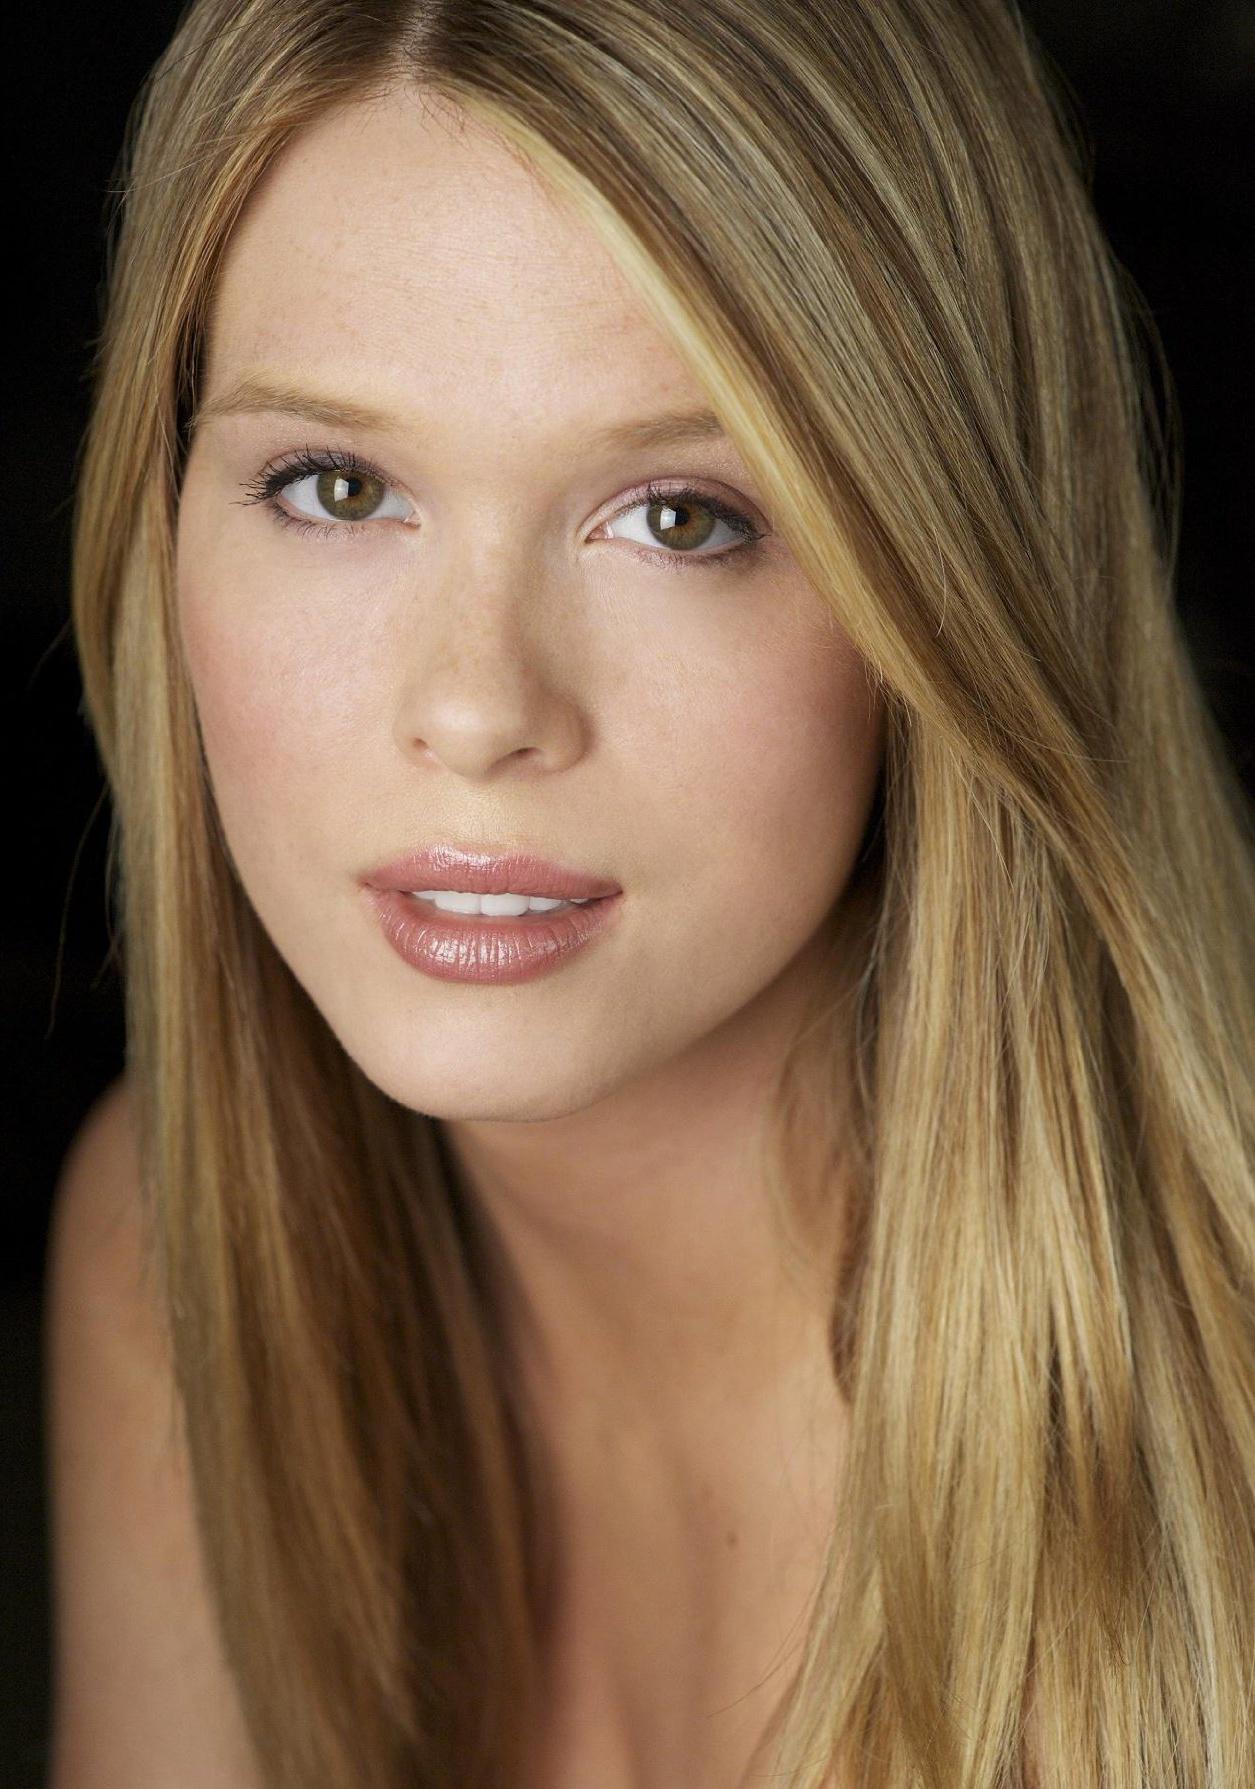 Leah Renee Cudmore